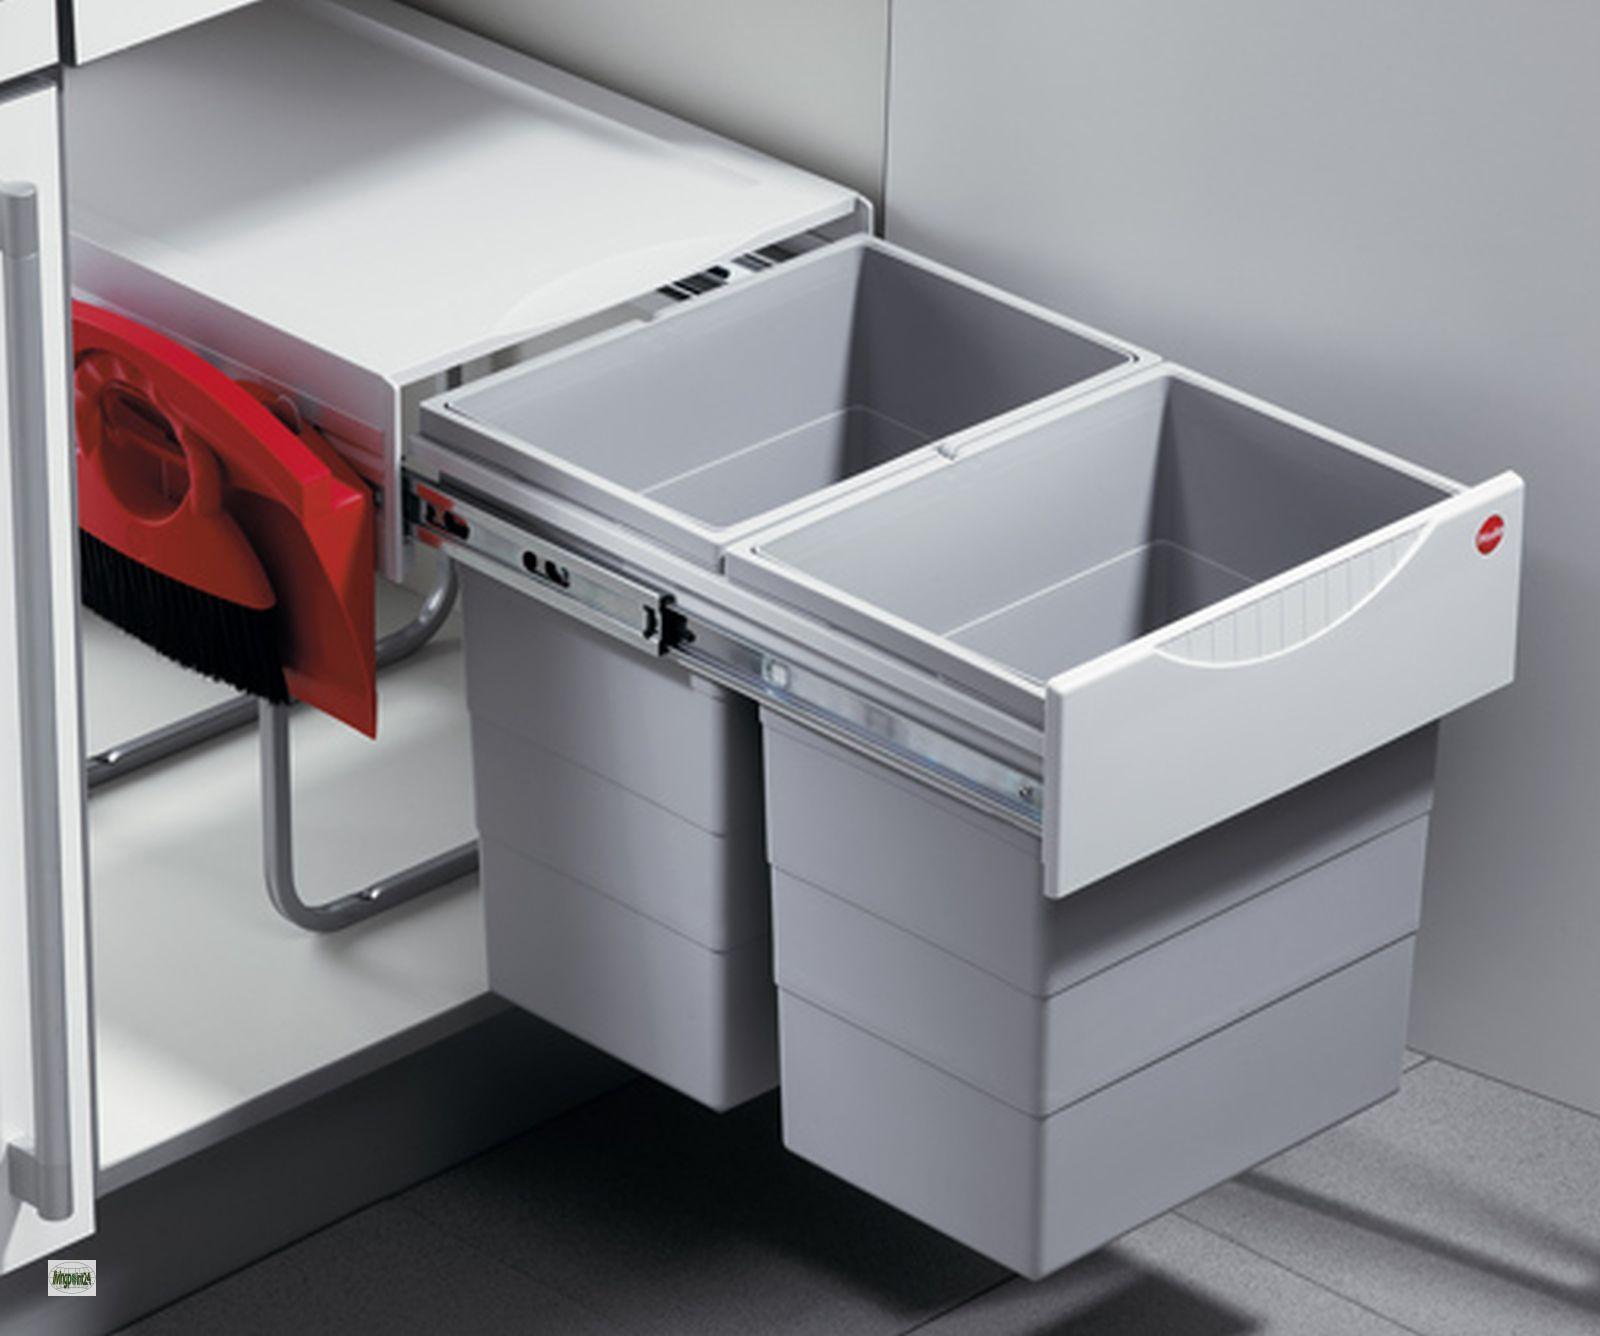 Hailo big tandem 40 2 cubo de basura cocina 2x20 litros - Cubo basura cocina ...